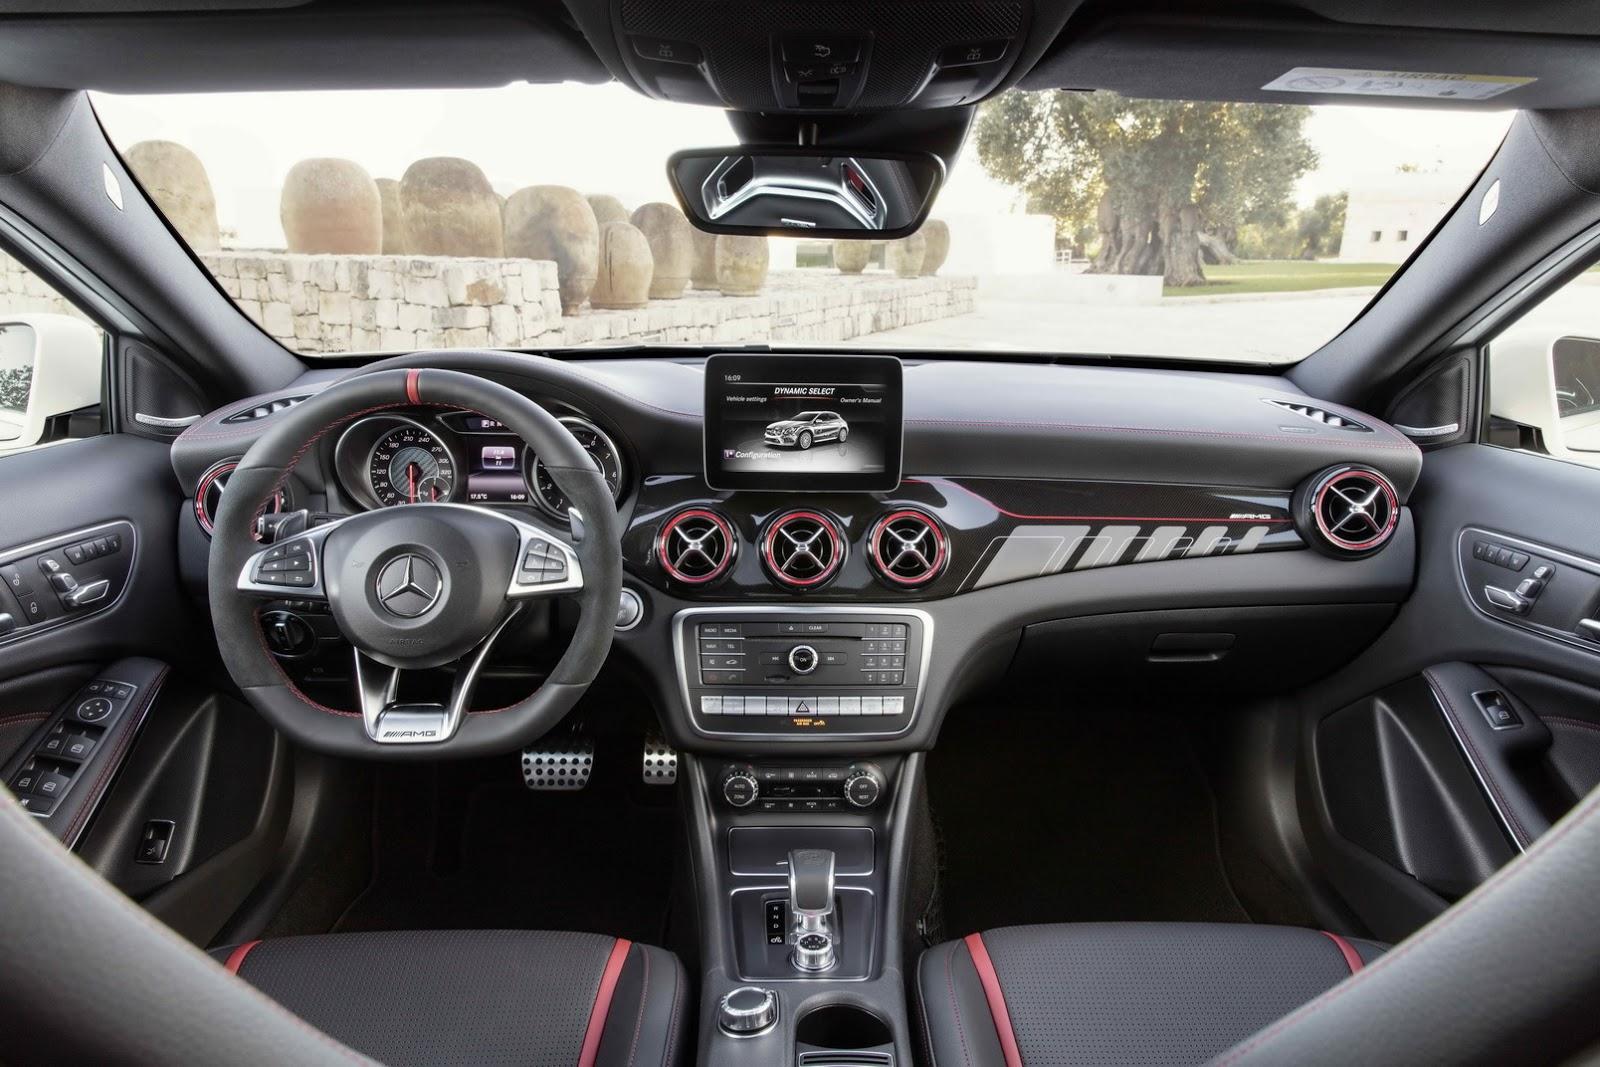 Mercedes GLA facelift and GLA 45 AMG facelift 2017 (85)